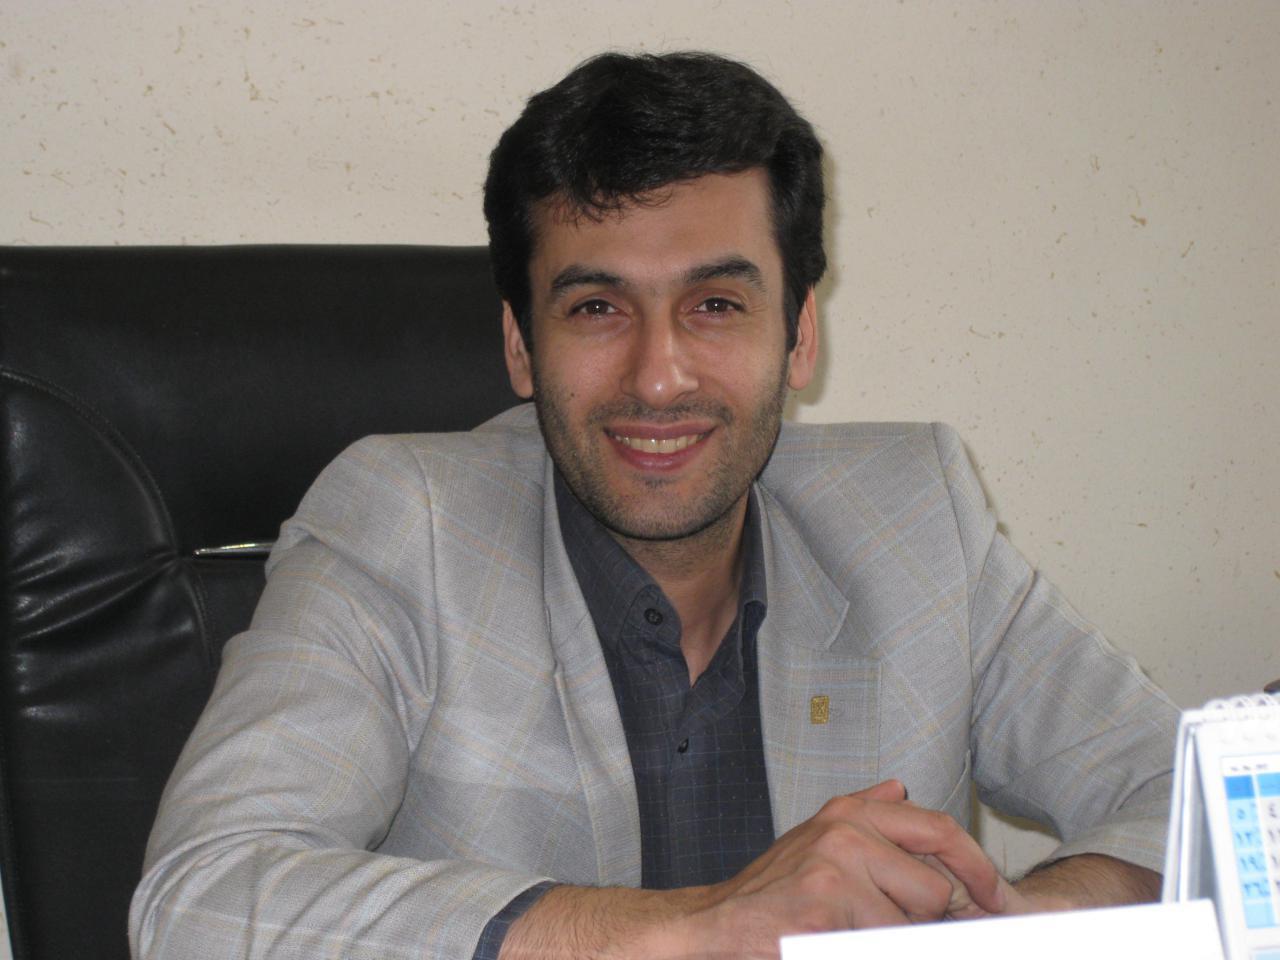 امشب جشن عید فطر در پیاده راه فرهنگی شهرداری رشت برگزار می شود